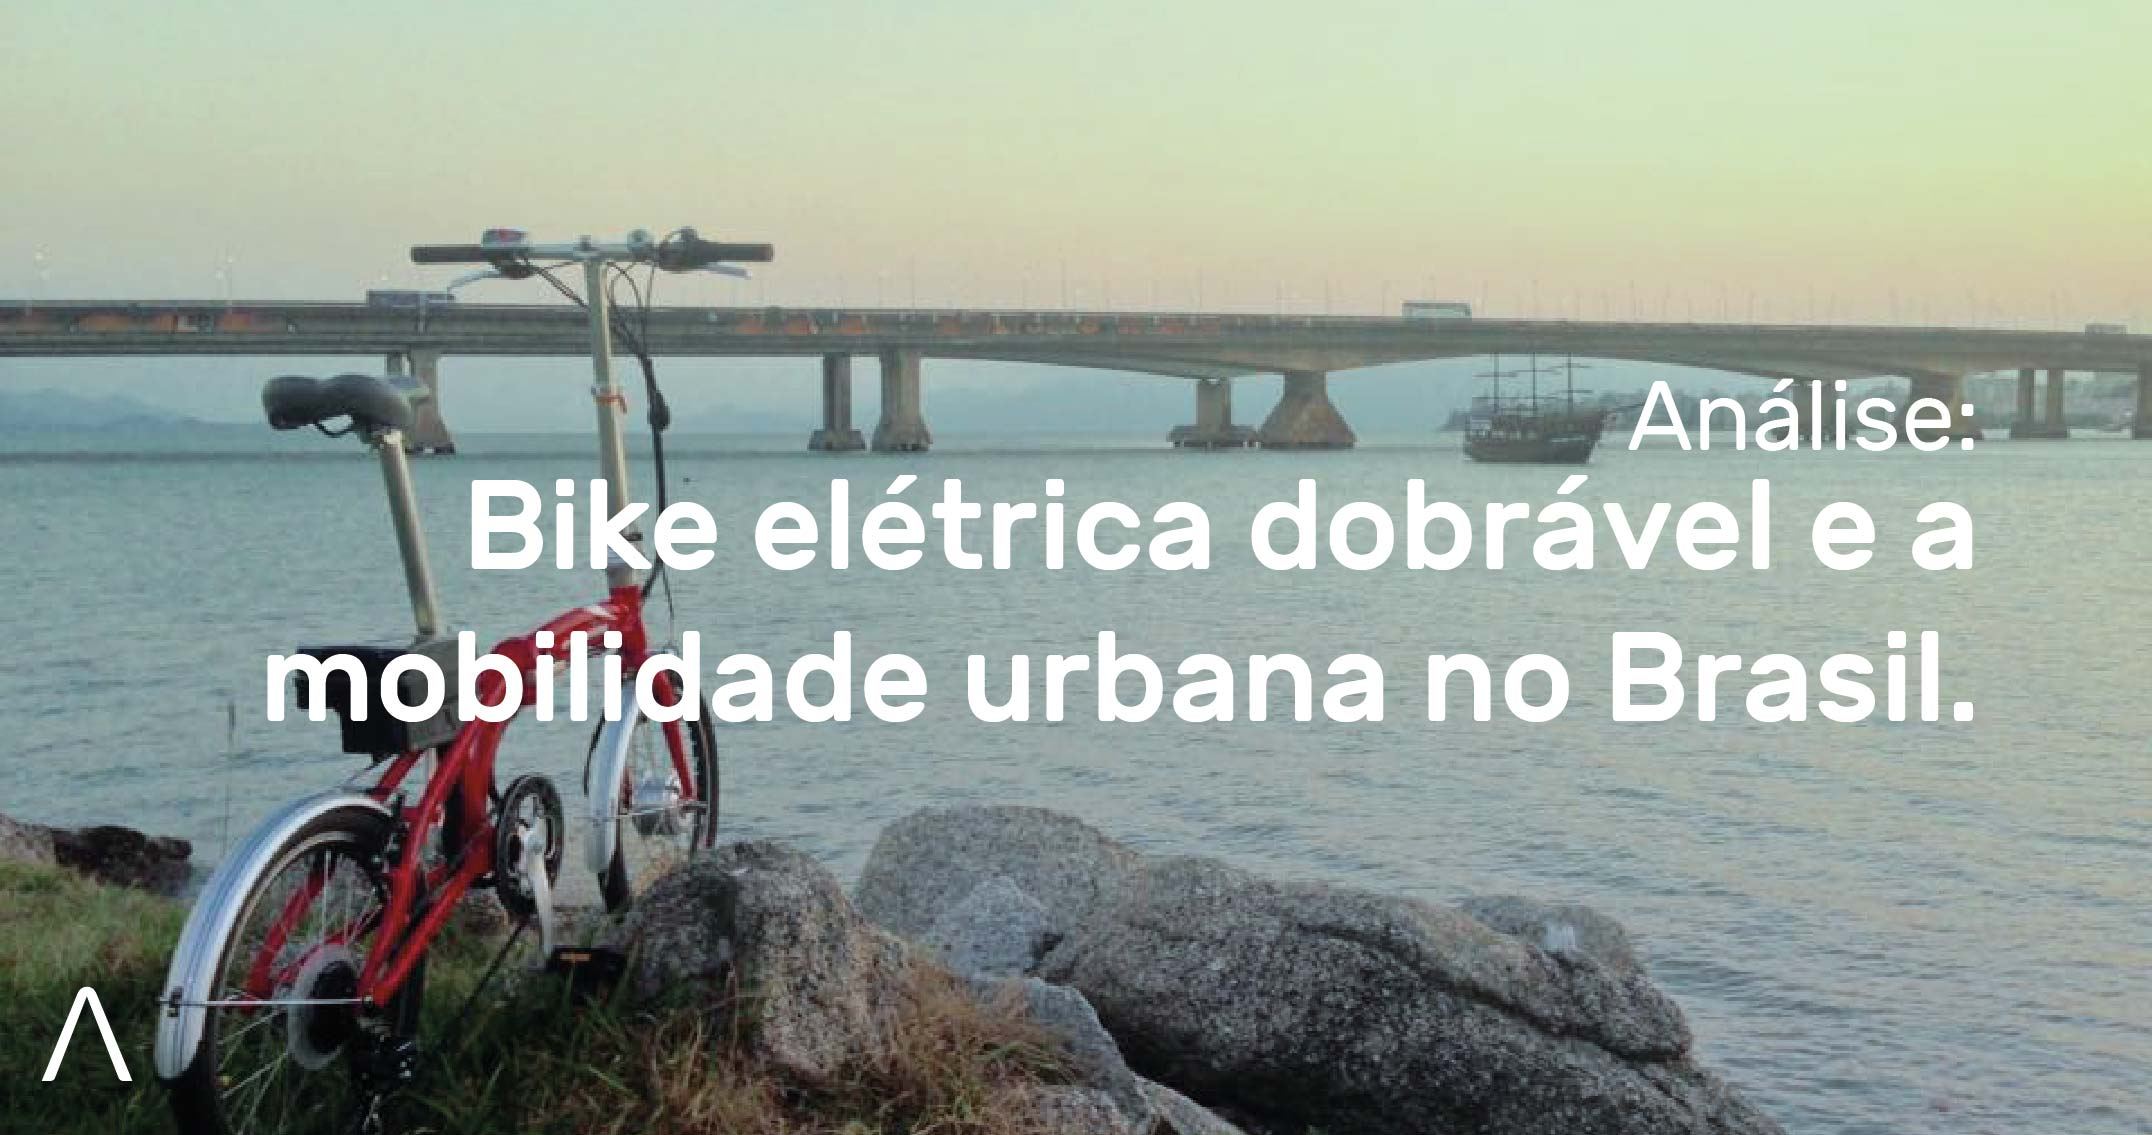 Análise: Bike elétrica dobrável e a mobilidade urbana no Brasil.